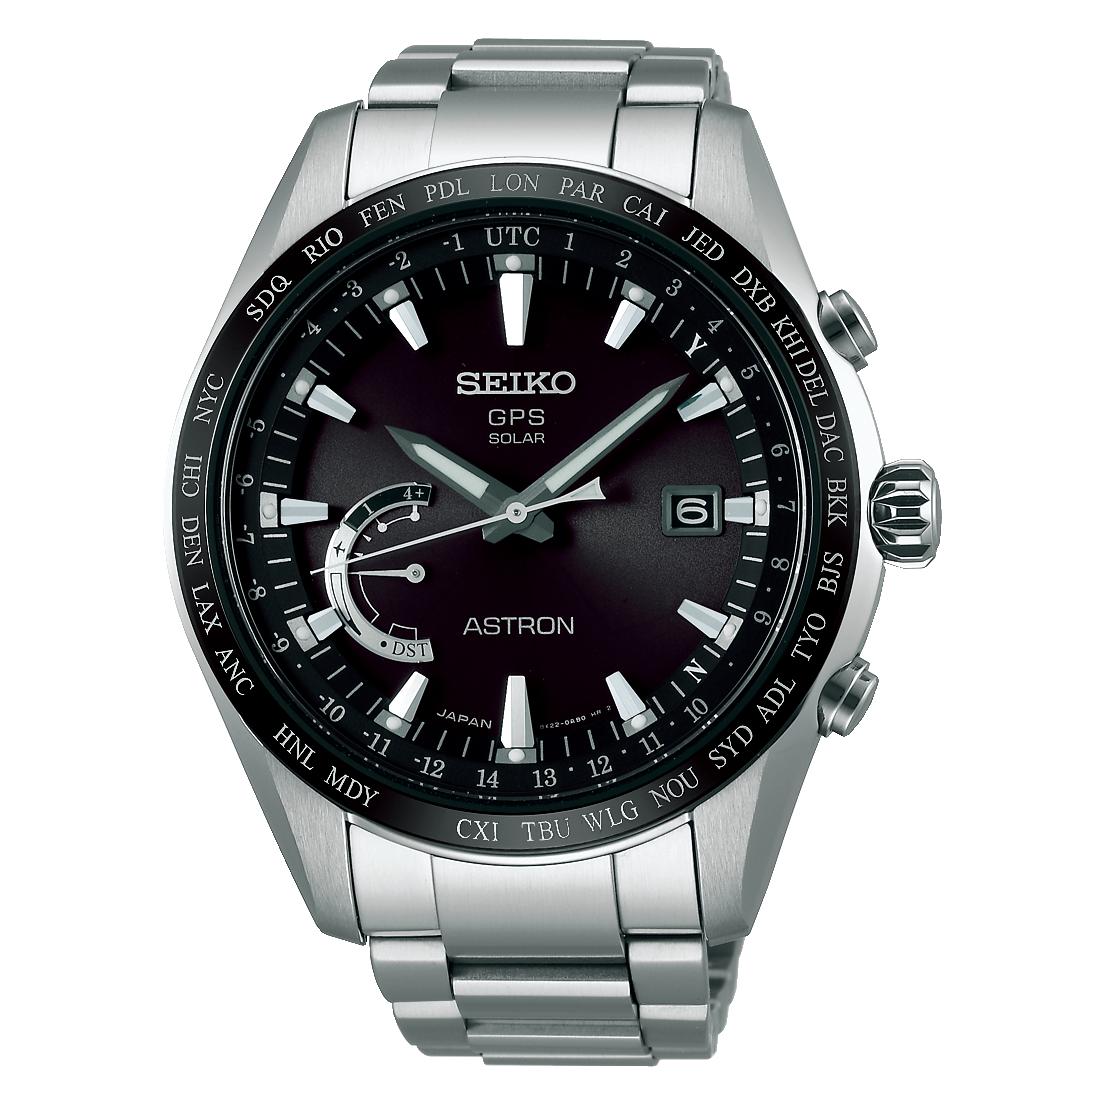 セイコー アストロン SBXB085 GPSソーラーウオッチ